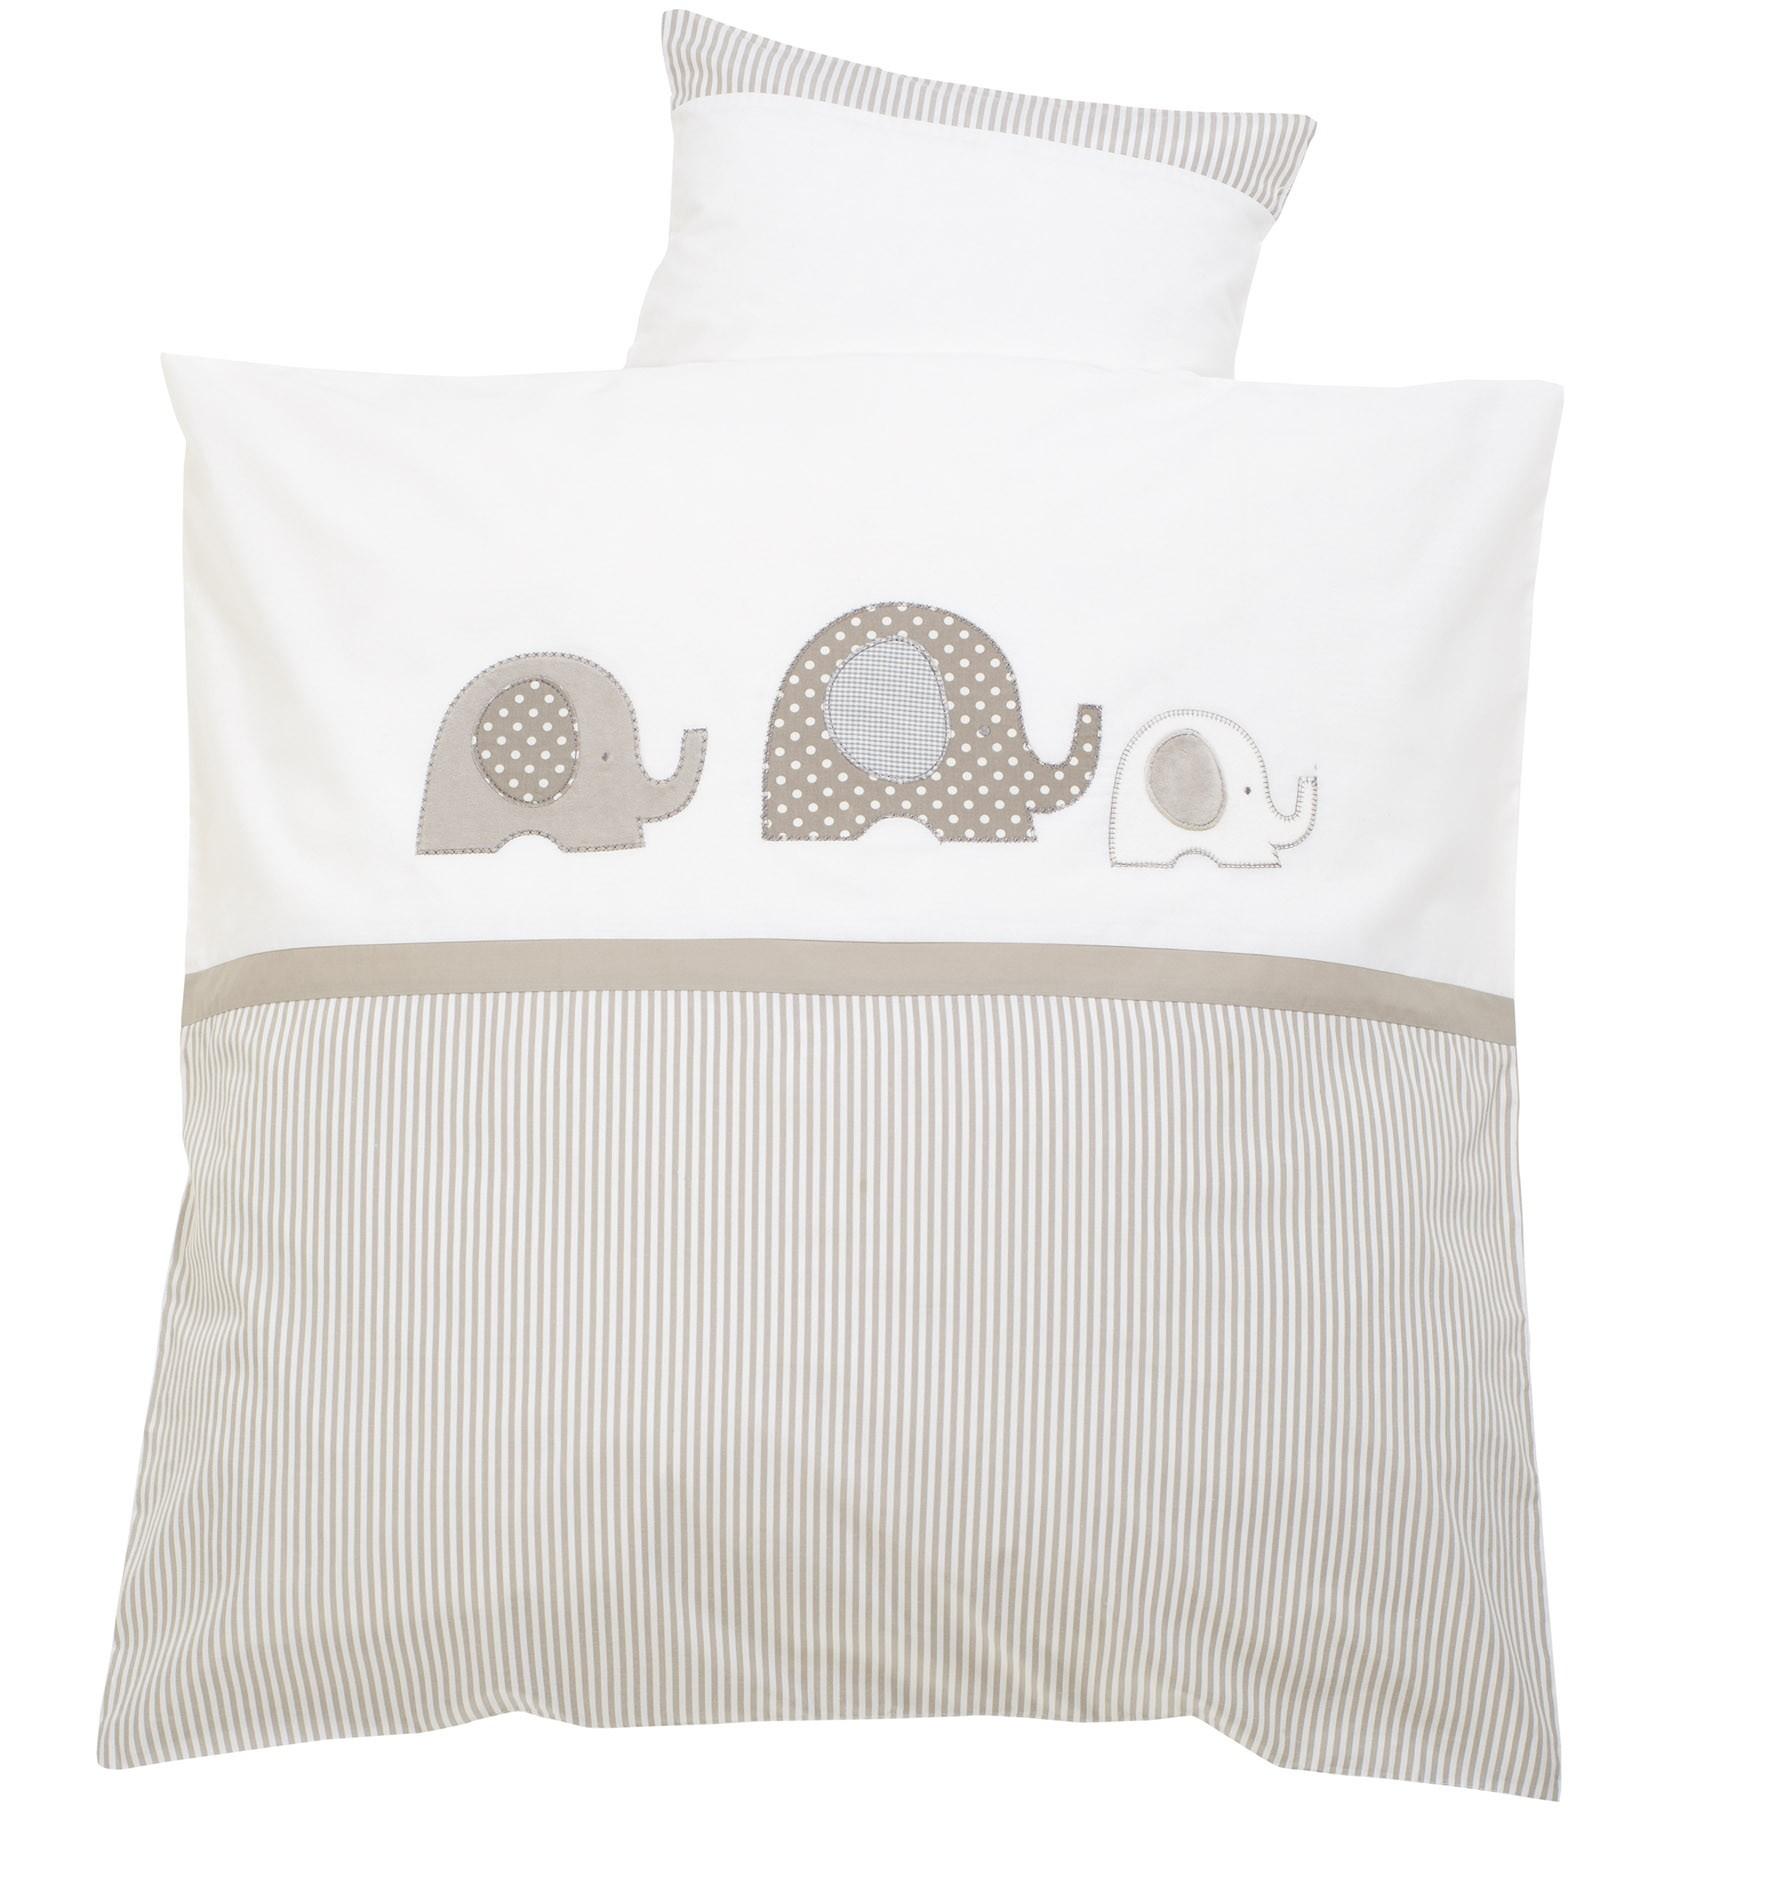 alvi bettw sche 100x135 applikation elefant dessin 323 6 beige g nstig und sicher kaufen. Black Bedroom Furniture Sets. Home Design Ideas